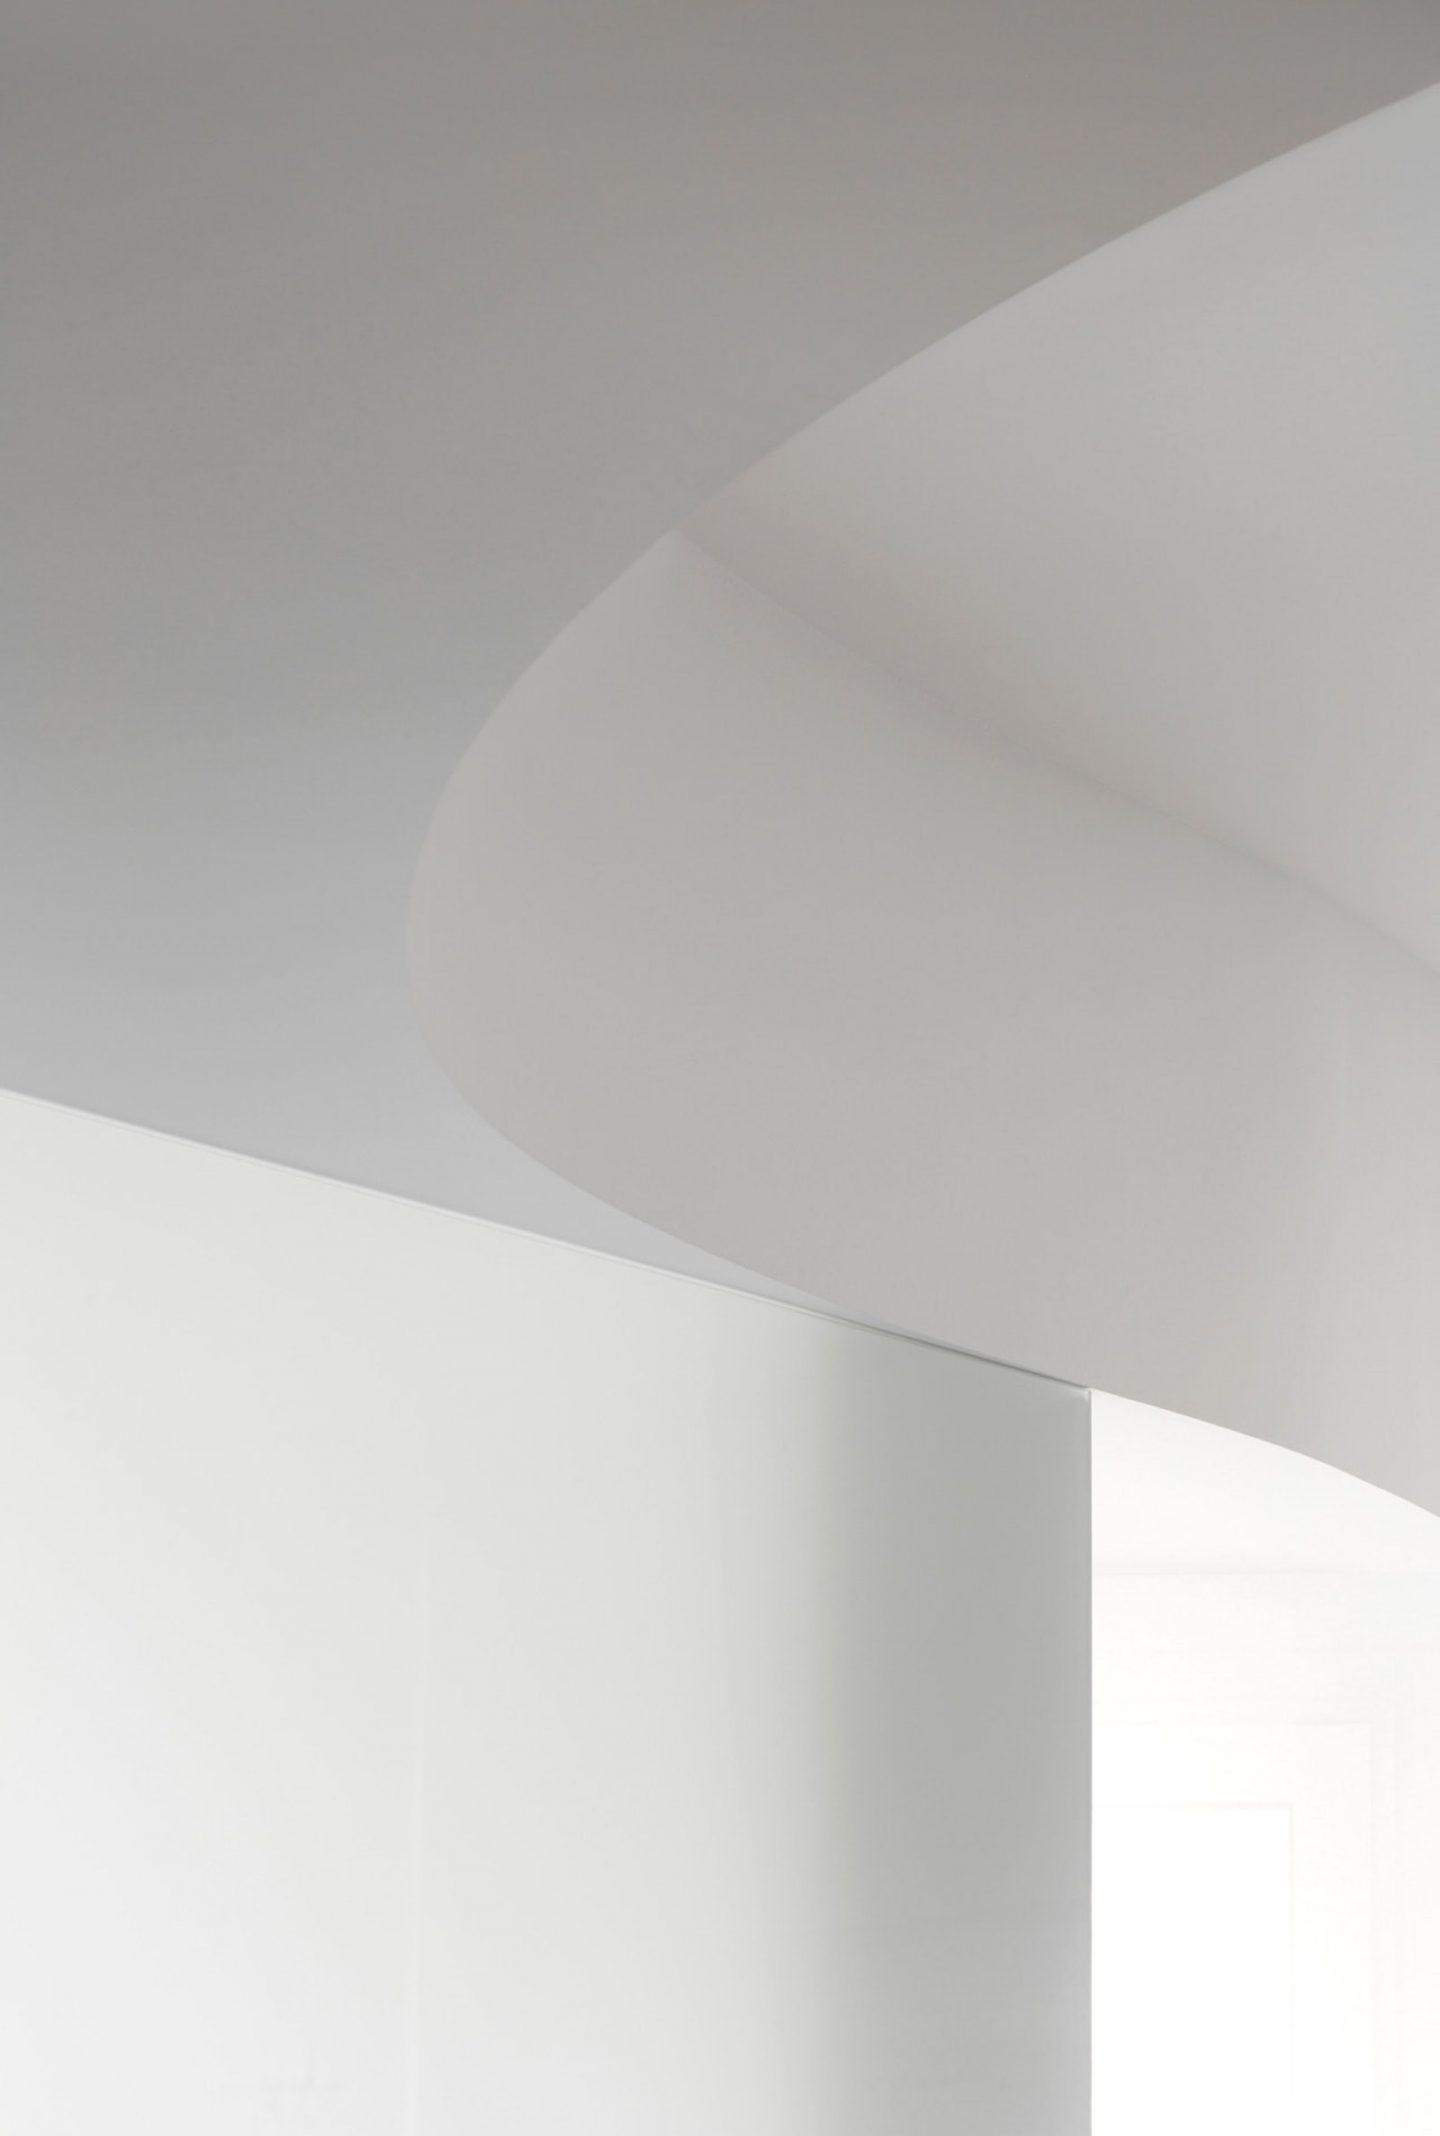 IGNANT-Architecture-Balzar-Arquitectos-Valencia-Apartment-007